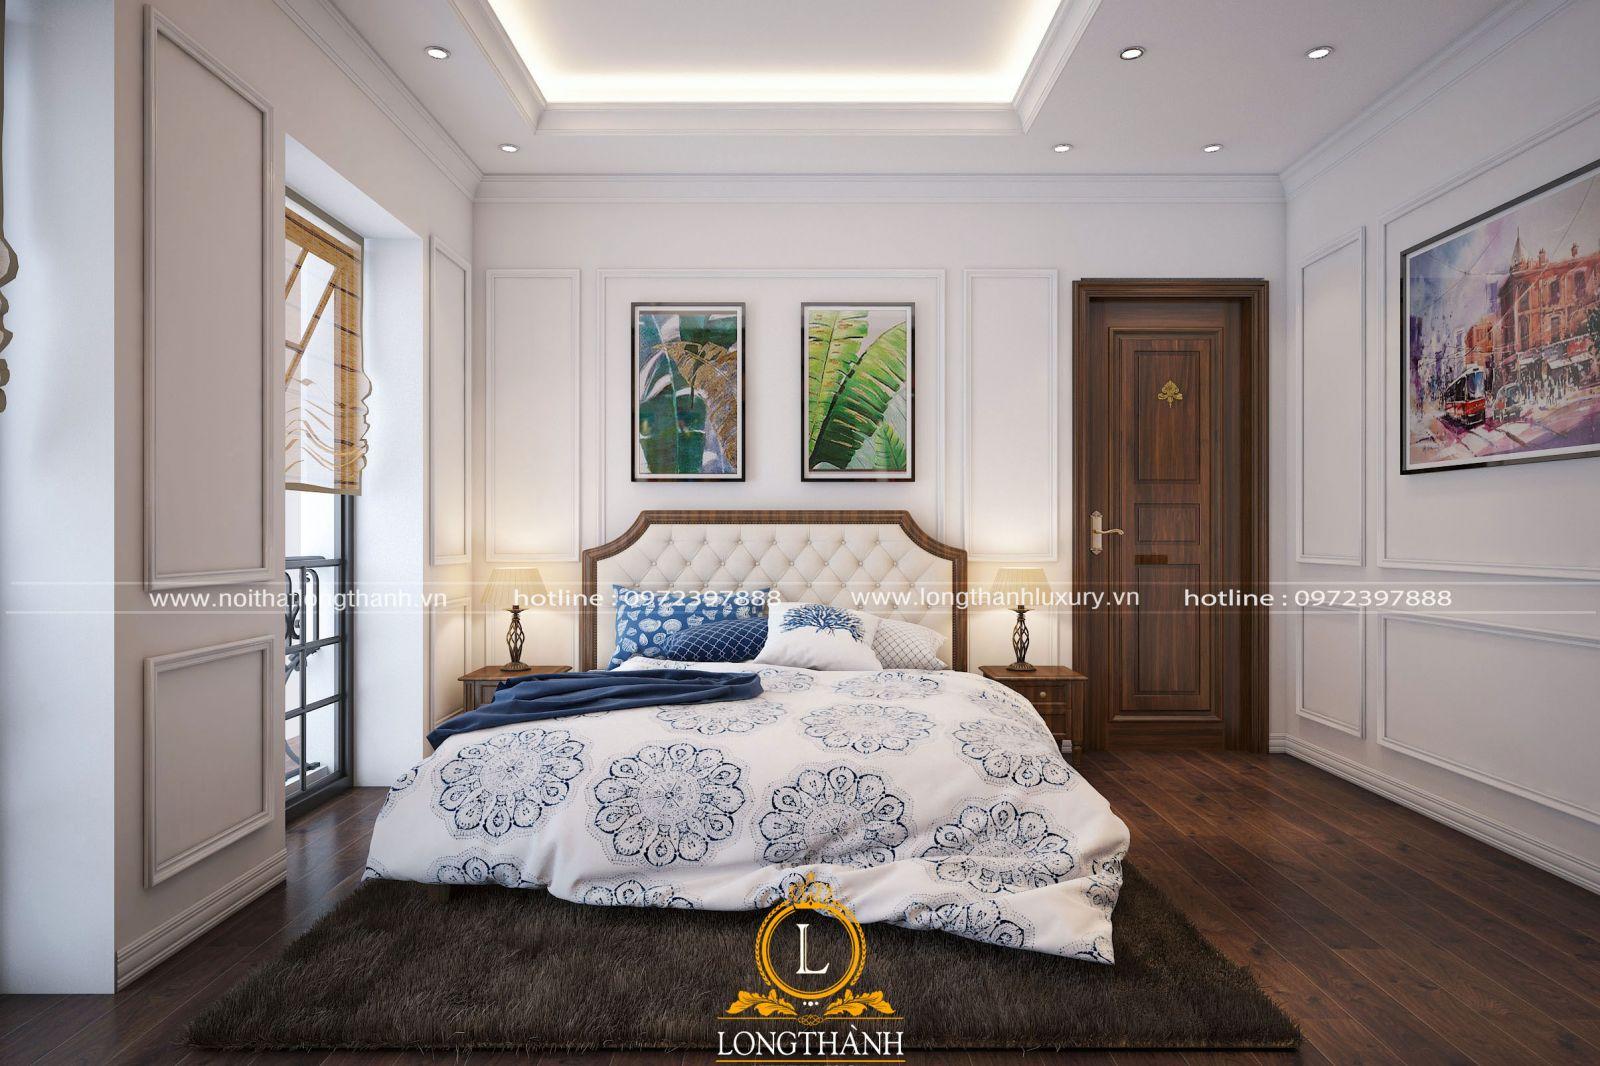 Cách lựa chọn và sắp xếp đồ nội thất giúp căn phòng ngủ hiện đại nhỏ thông thoáng hơn